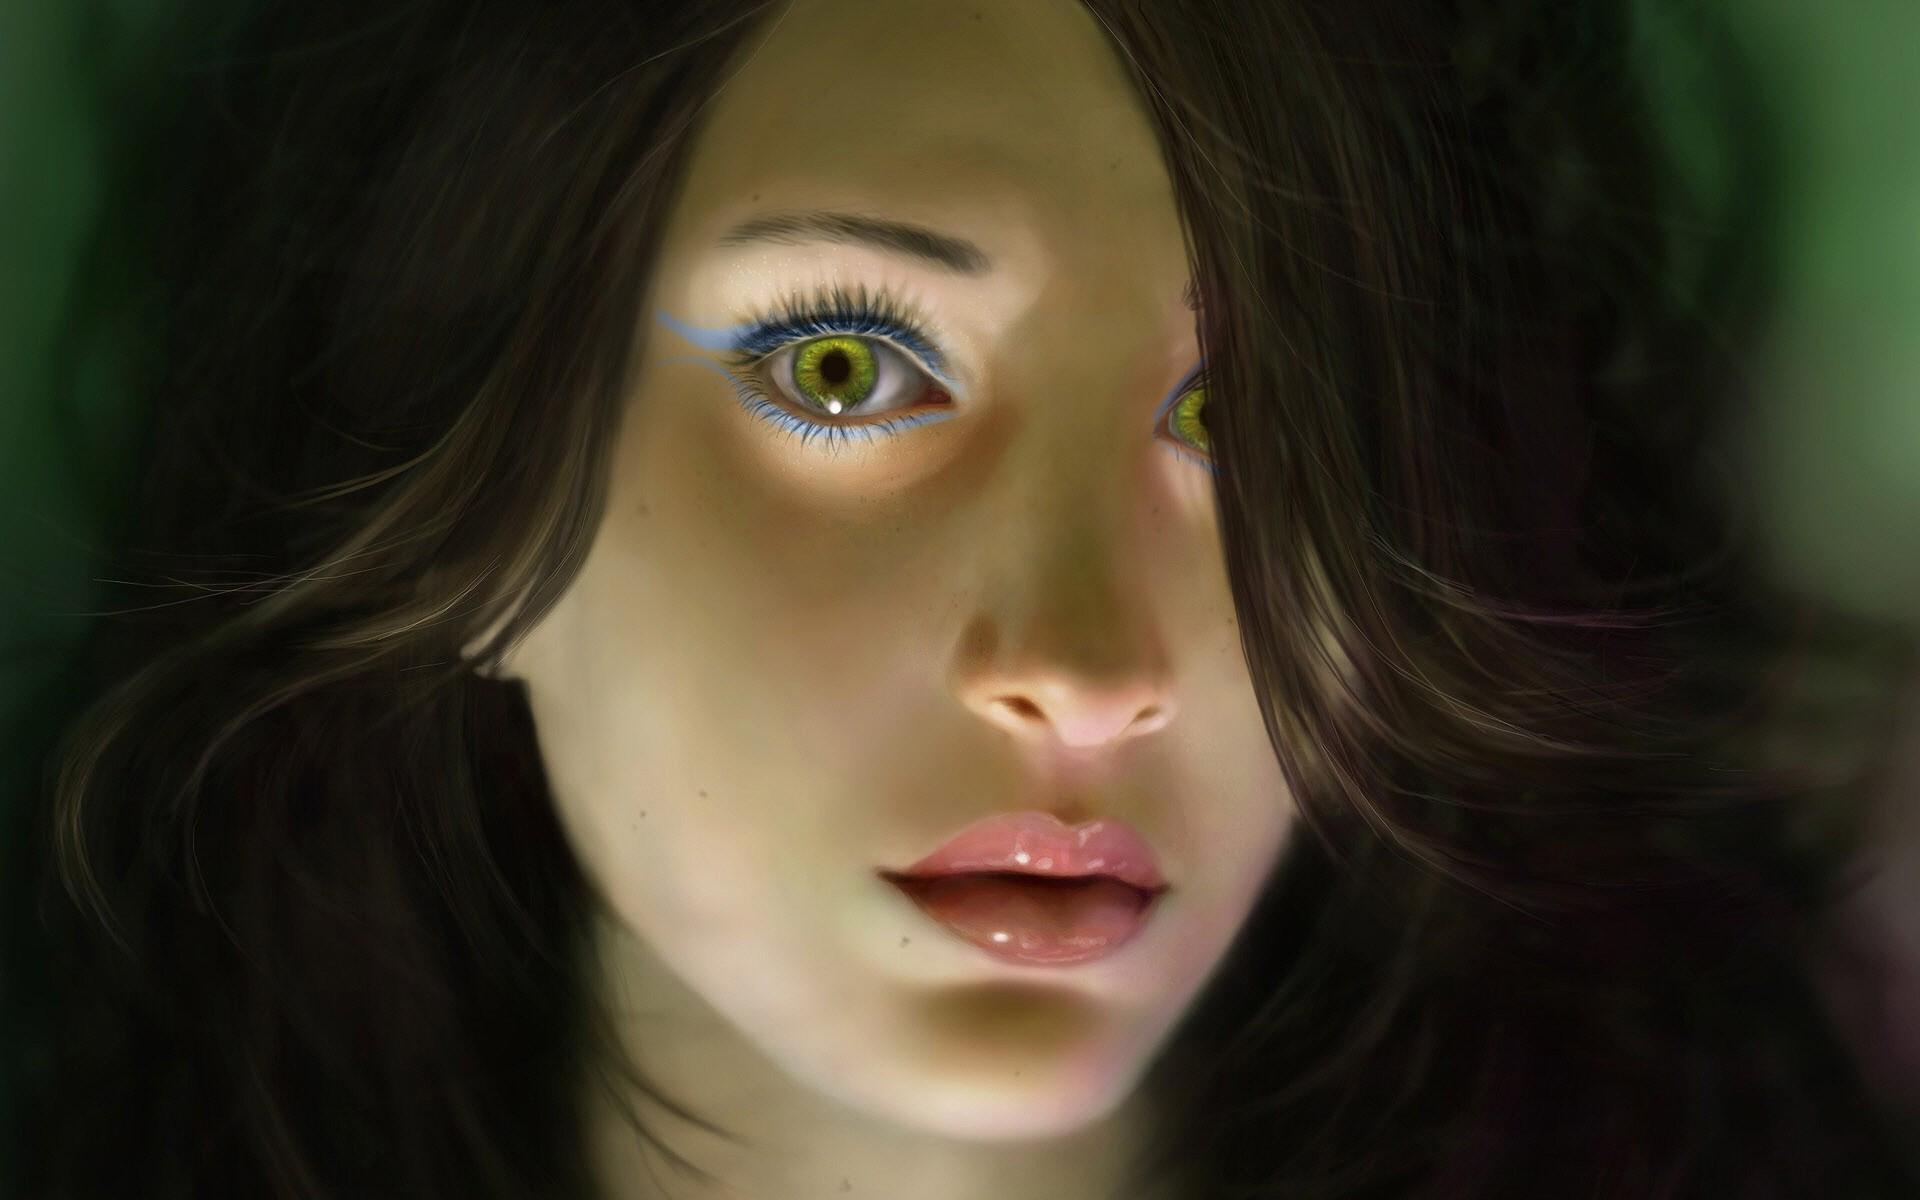 Девушка с 3 глазами фото